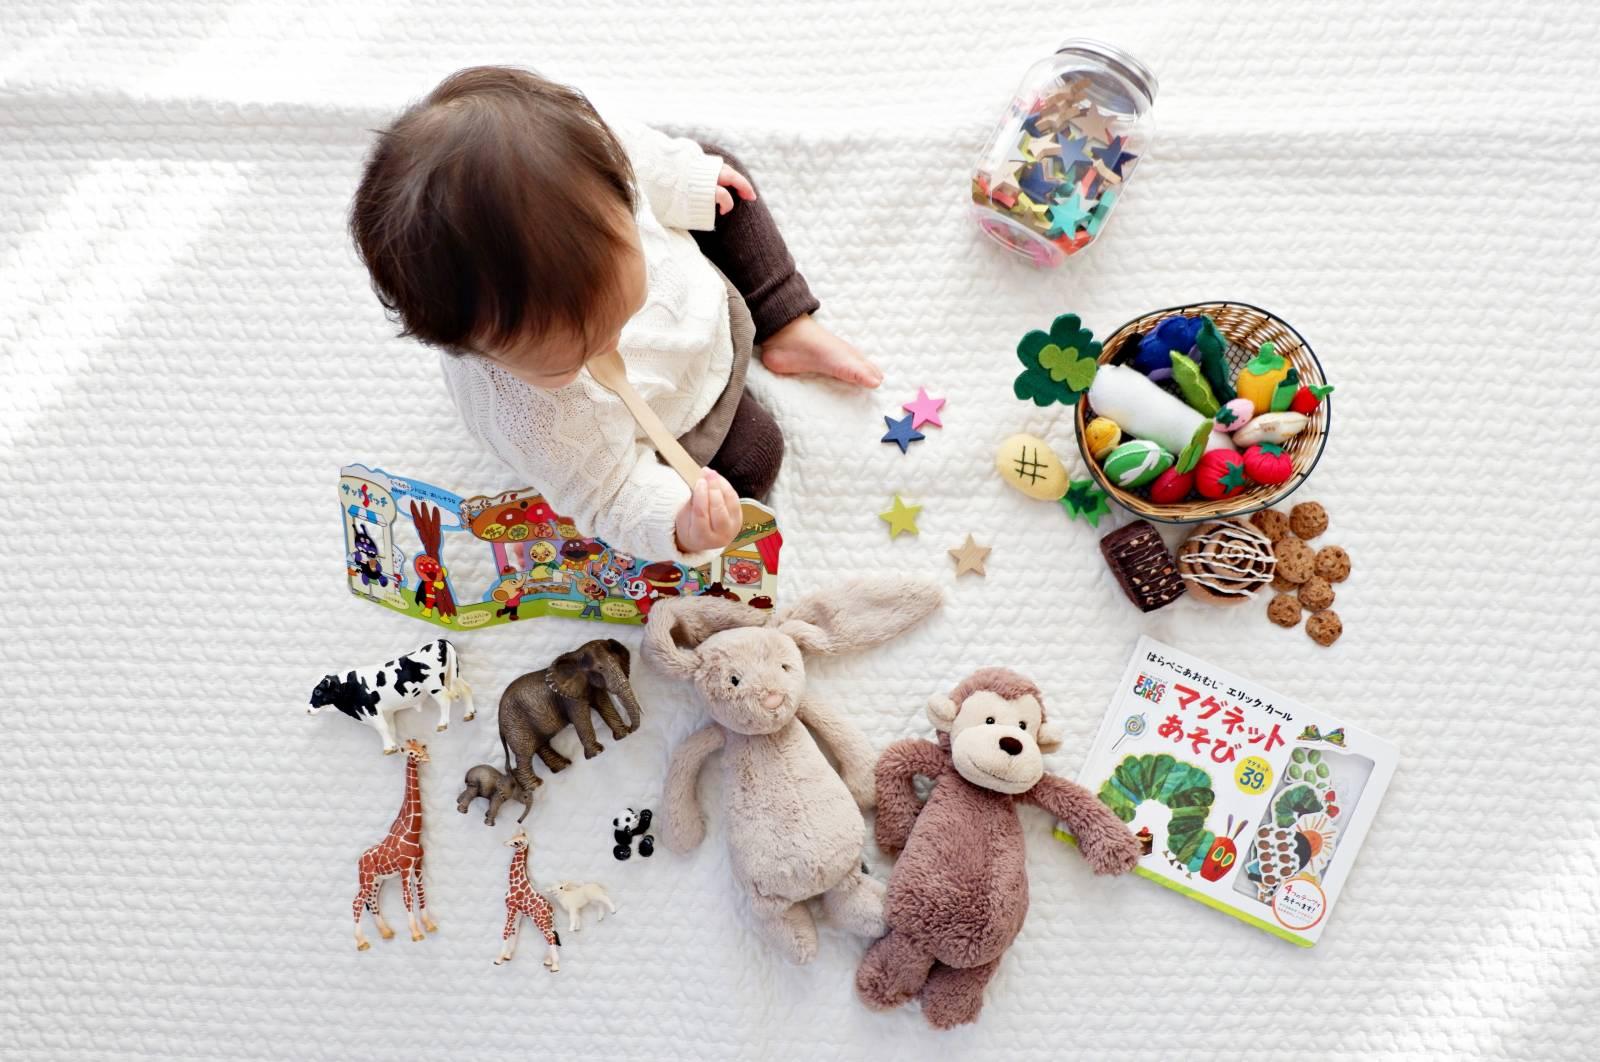 Bientôt parents ? Quelles démarches à effectuer pour inscrire votre enfant en crèche ? Quel est le coût d'une place ? Quand commencer l'inscription ?